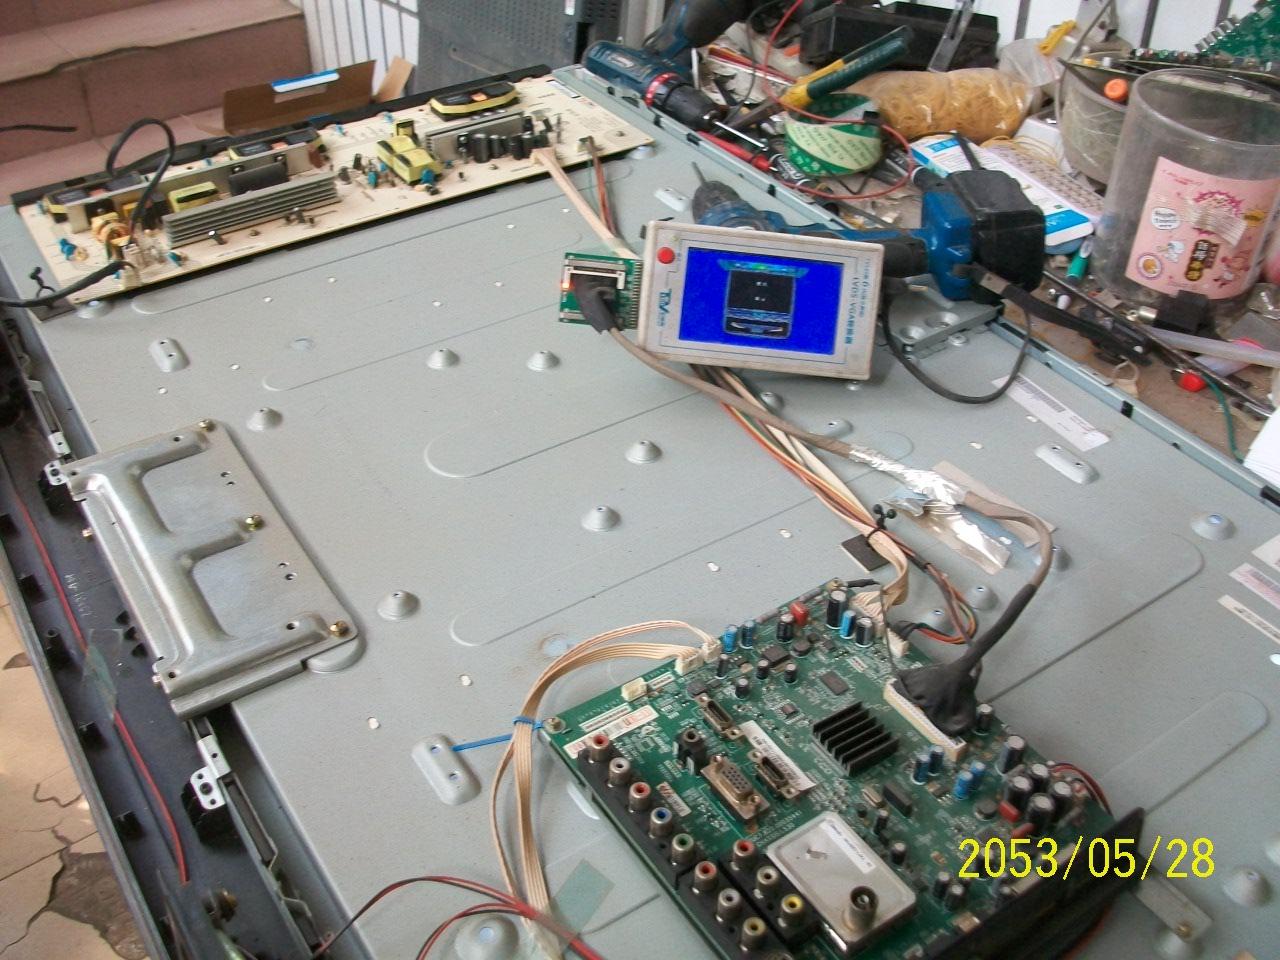 changhong 42 tuuman lcd - LT42630FX tv - power - levy R-HS180P-3HF01